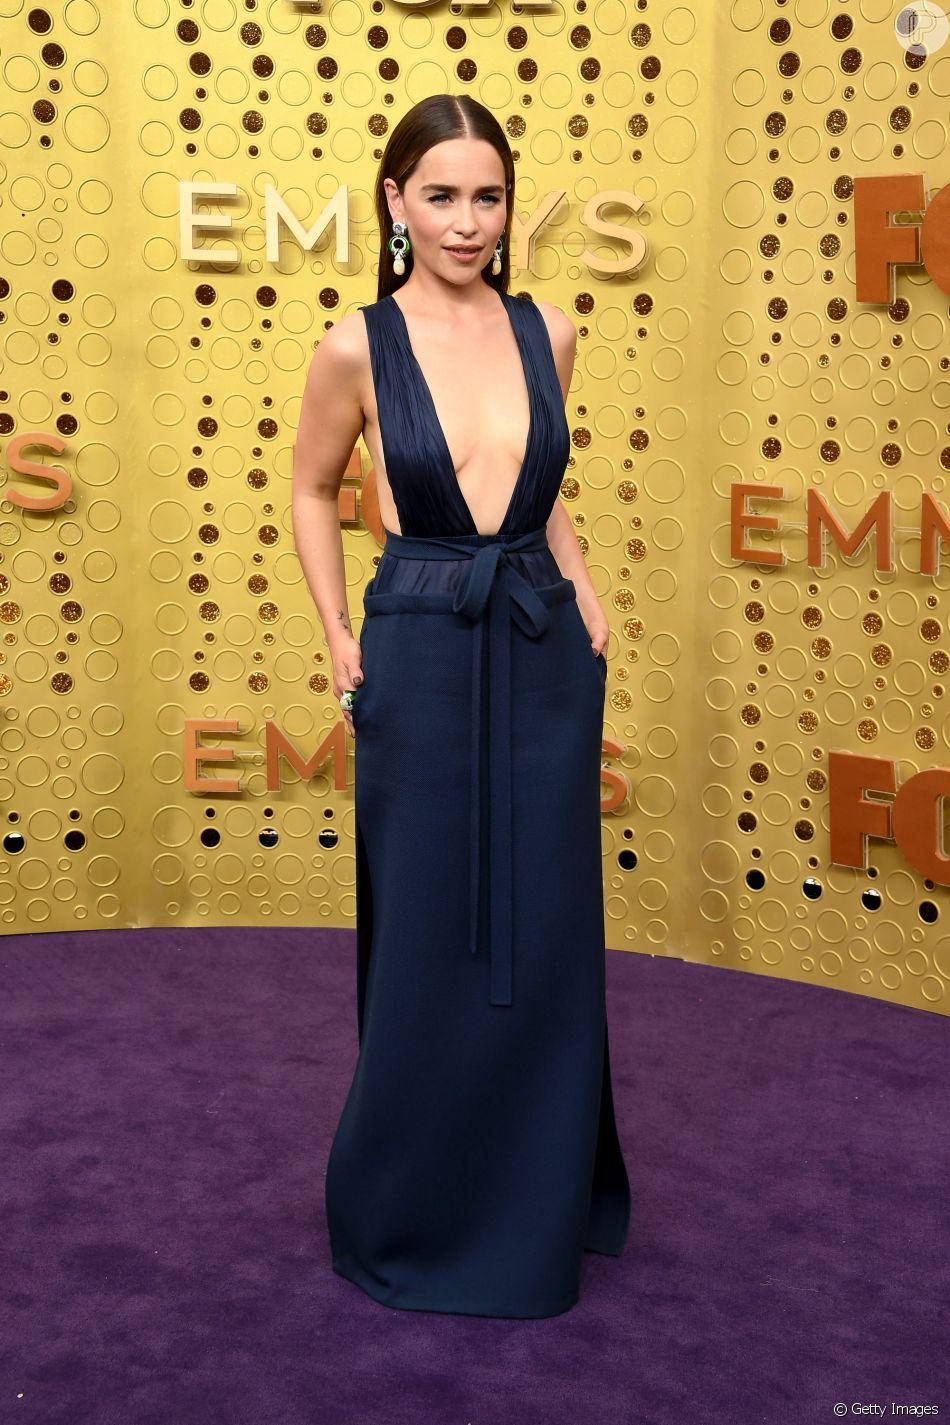 Para o Emmy Awards, a atriz Emilia Clarke apostou em um vestido ultradecotado da coleção de Alta-Costura de Valentino